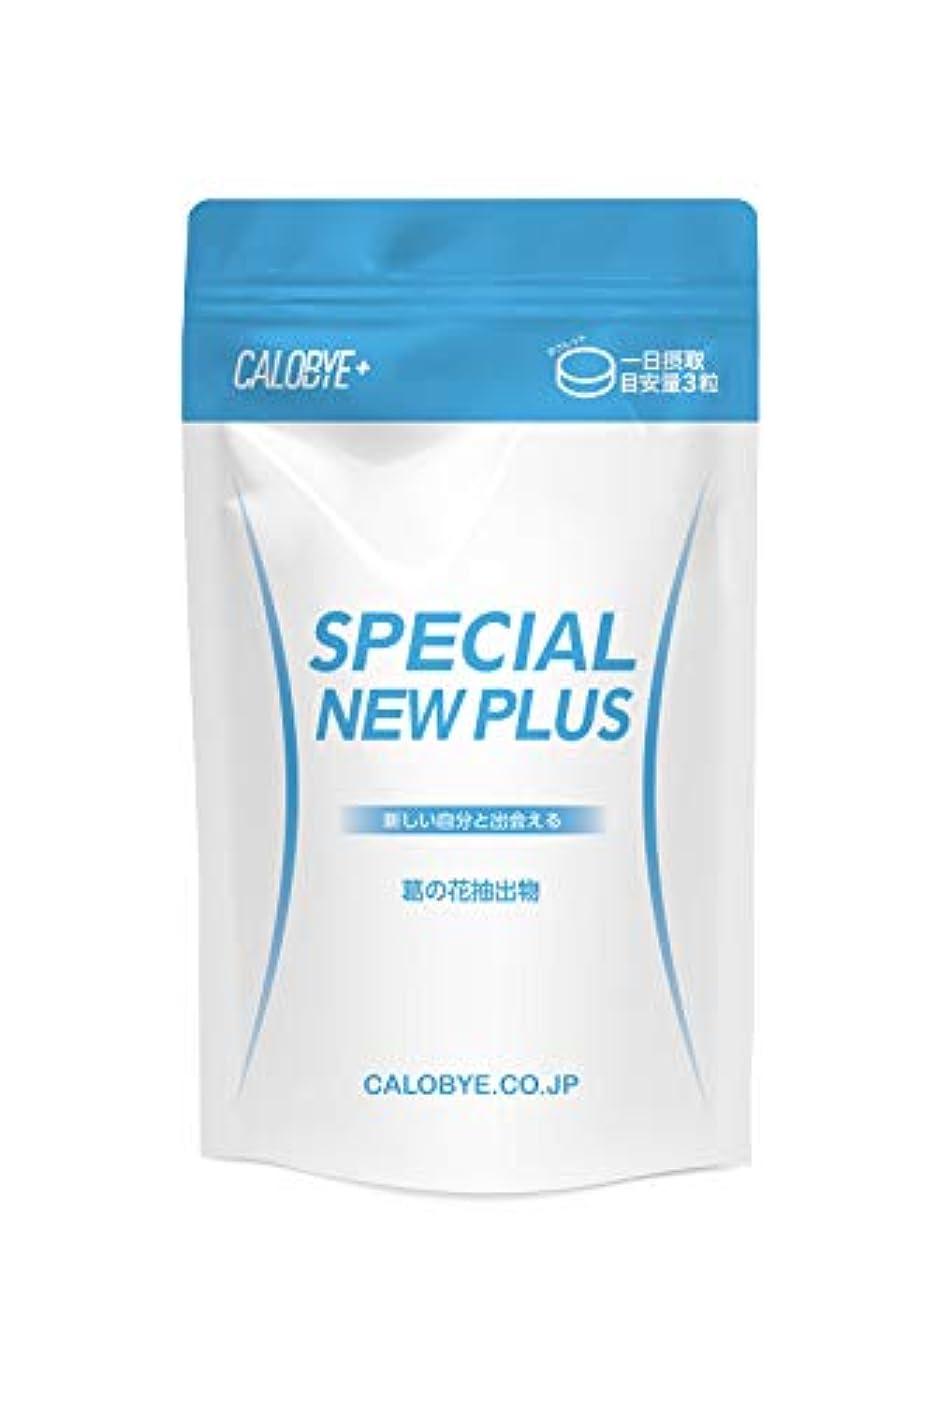 シネマカスタム安定した【カロバイプラス公式】CALOBYE+ Special New Plus(カロバイプラス?スペシャルニュープラス) …